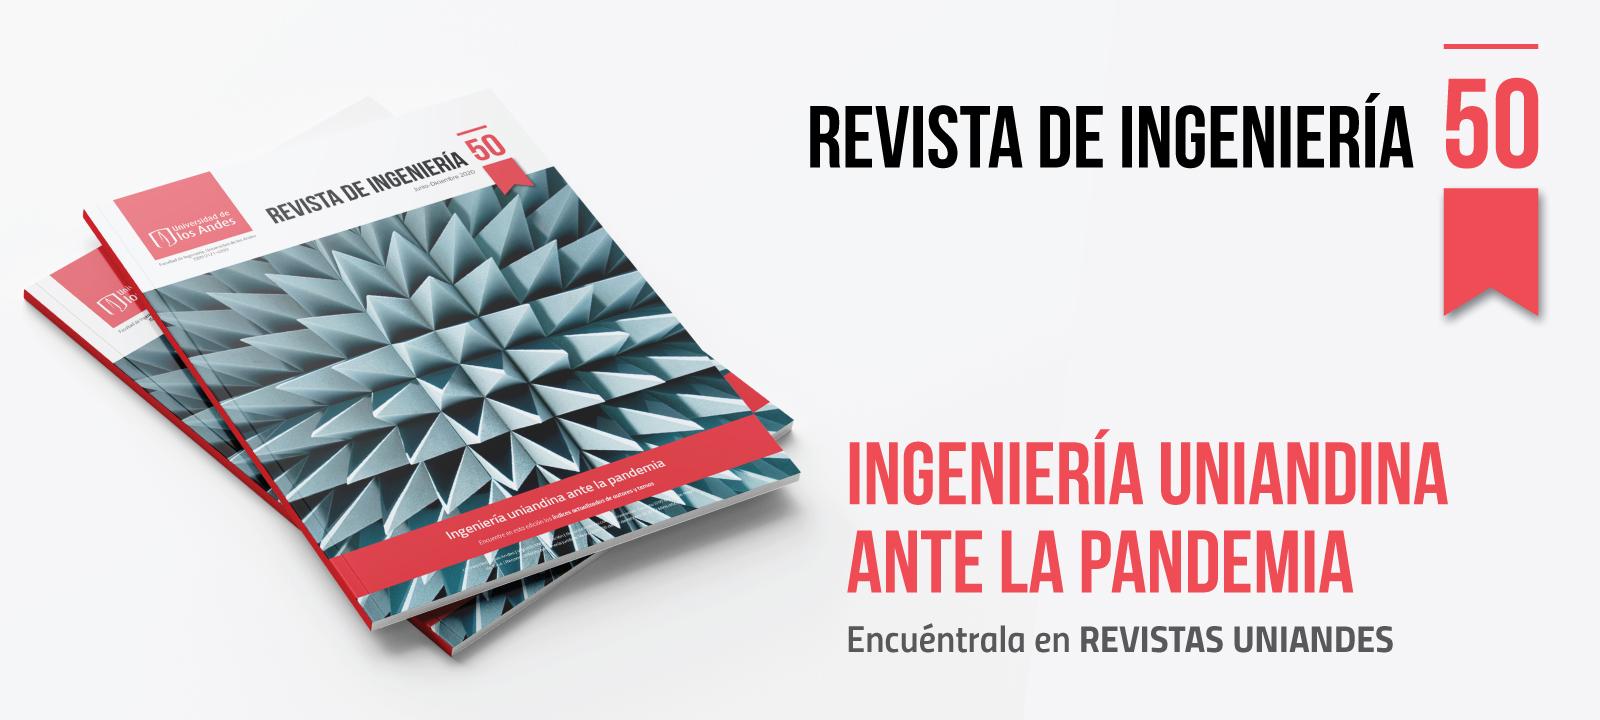 Revista de Ingeniería: 'Ingeniería uniandina ante la pandemia'